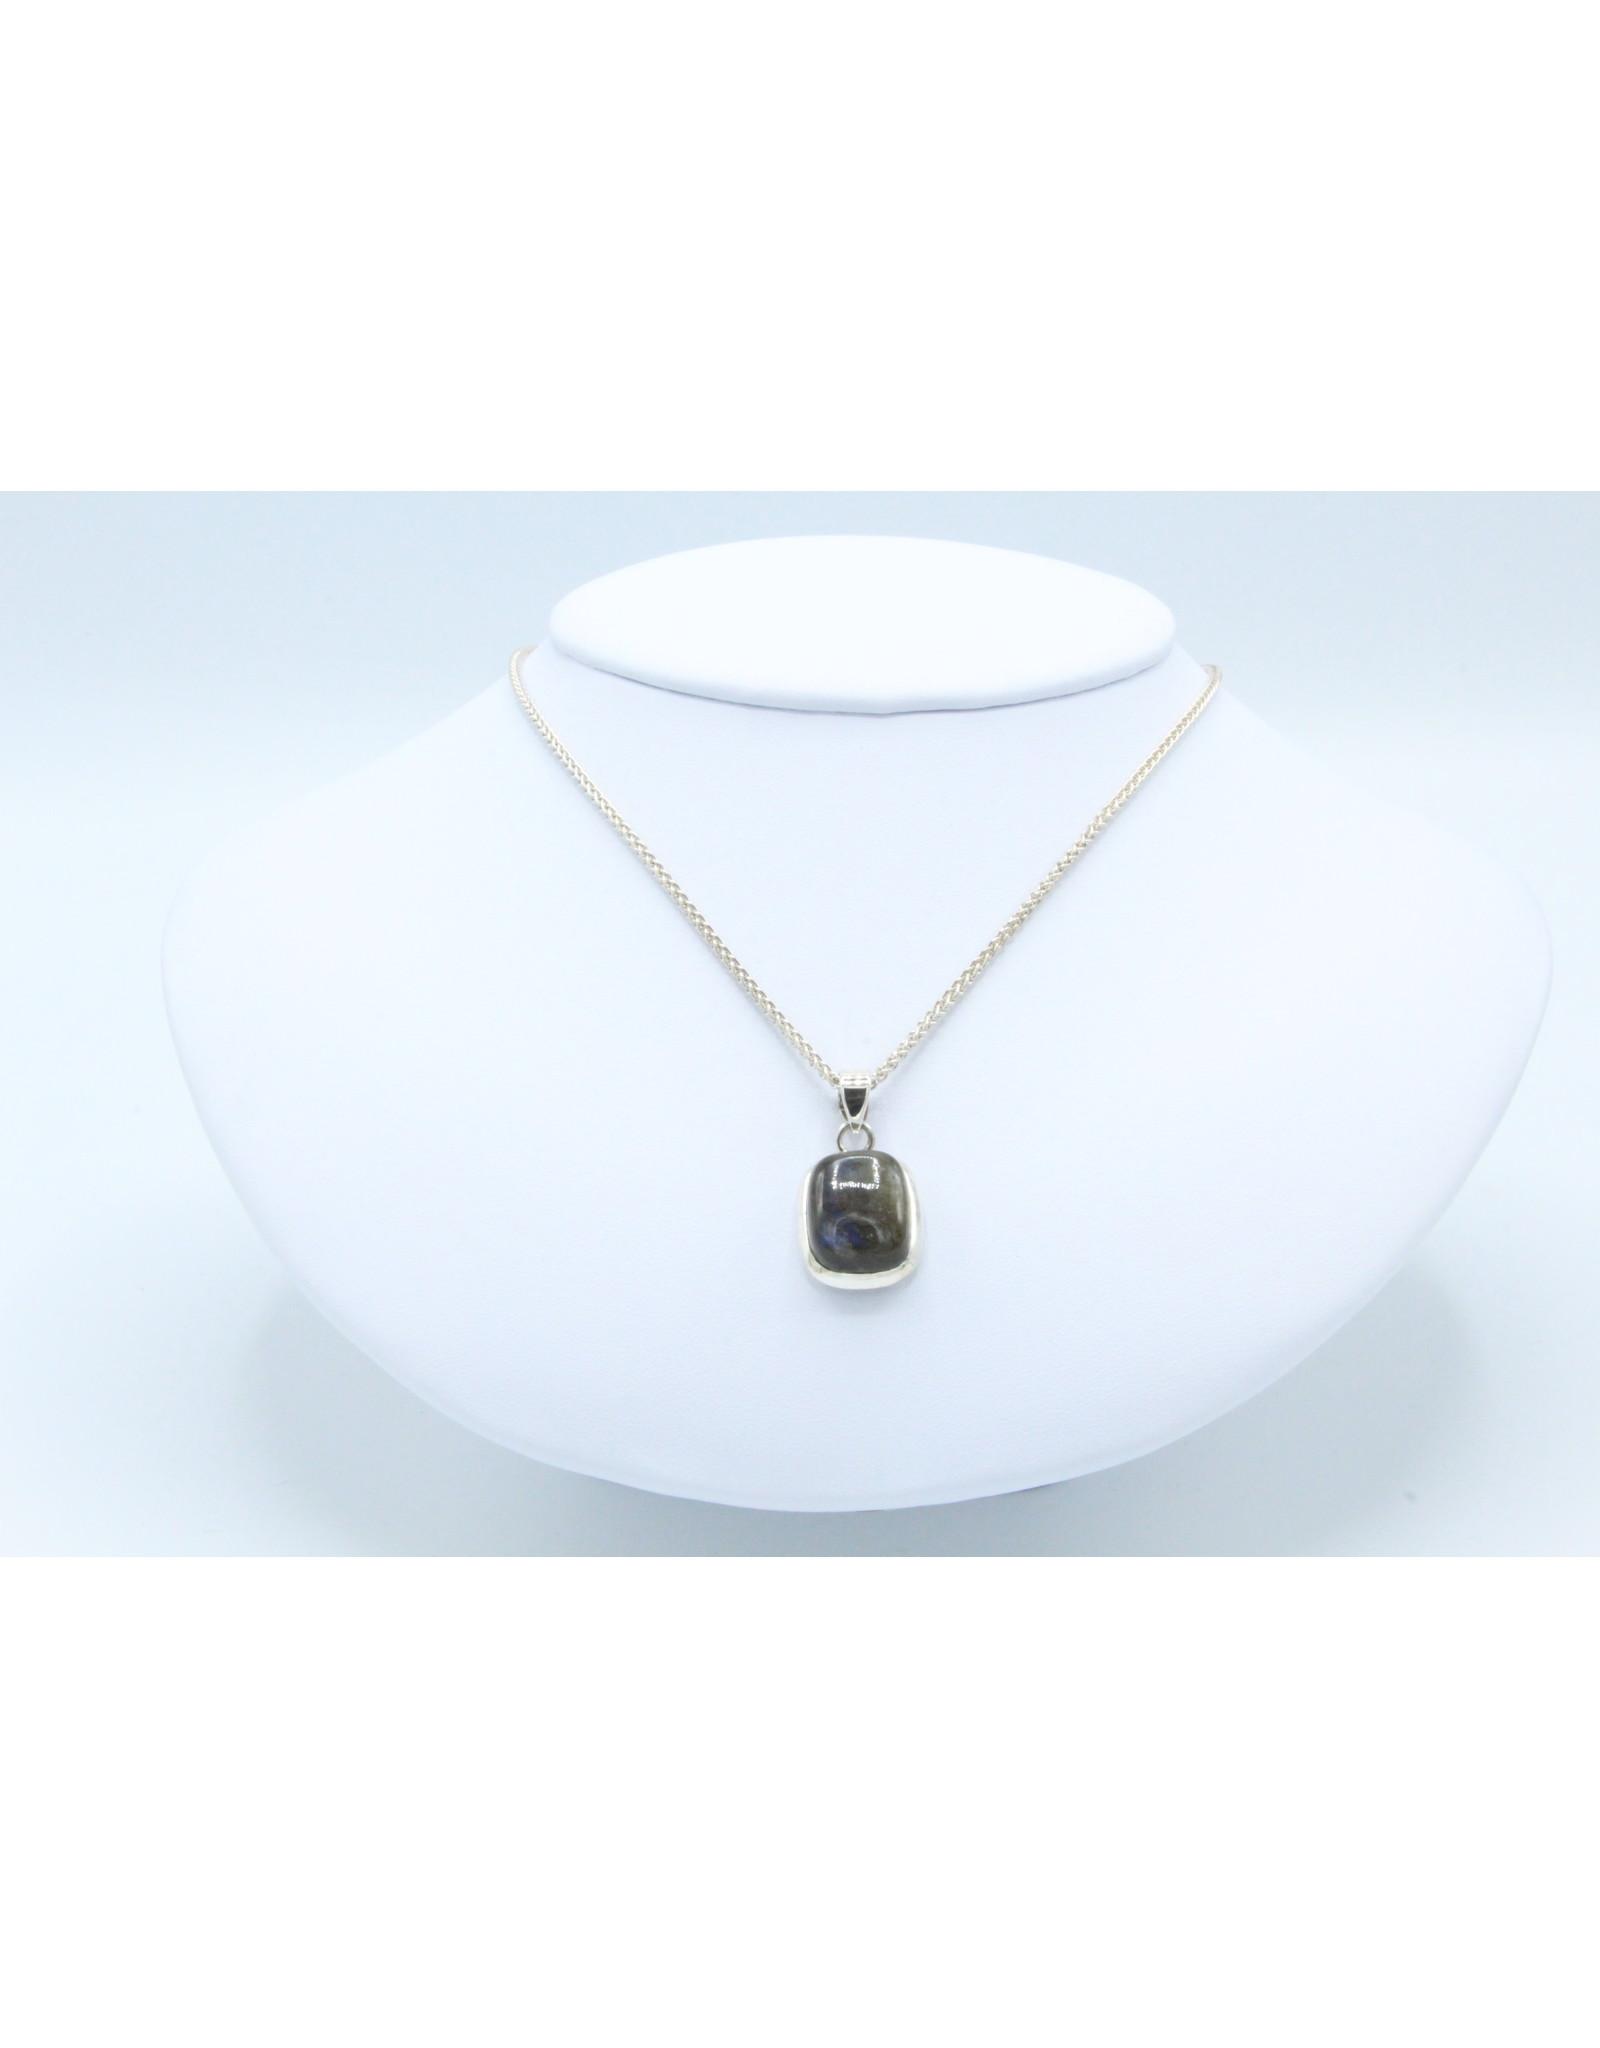 Labradorite Necklace - 104643